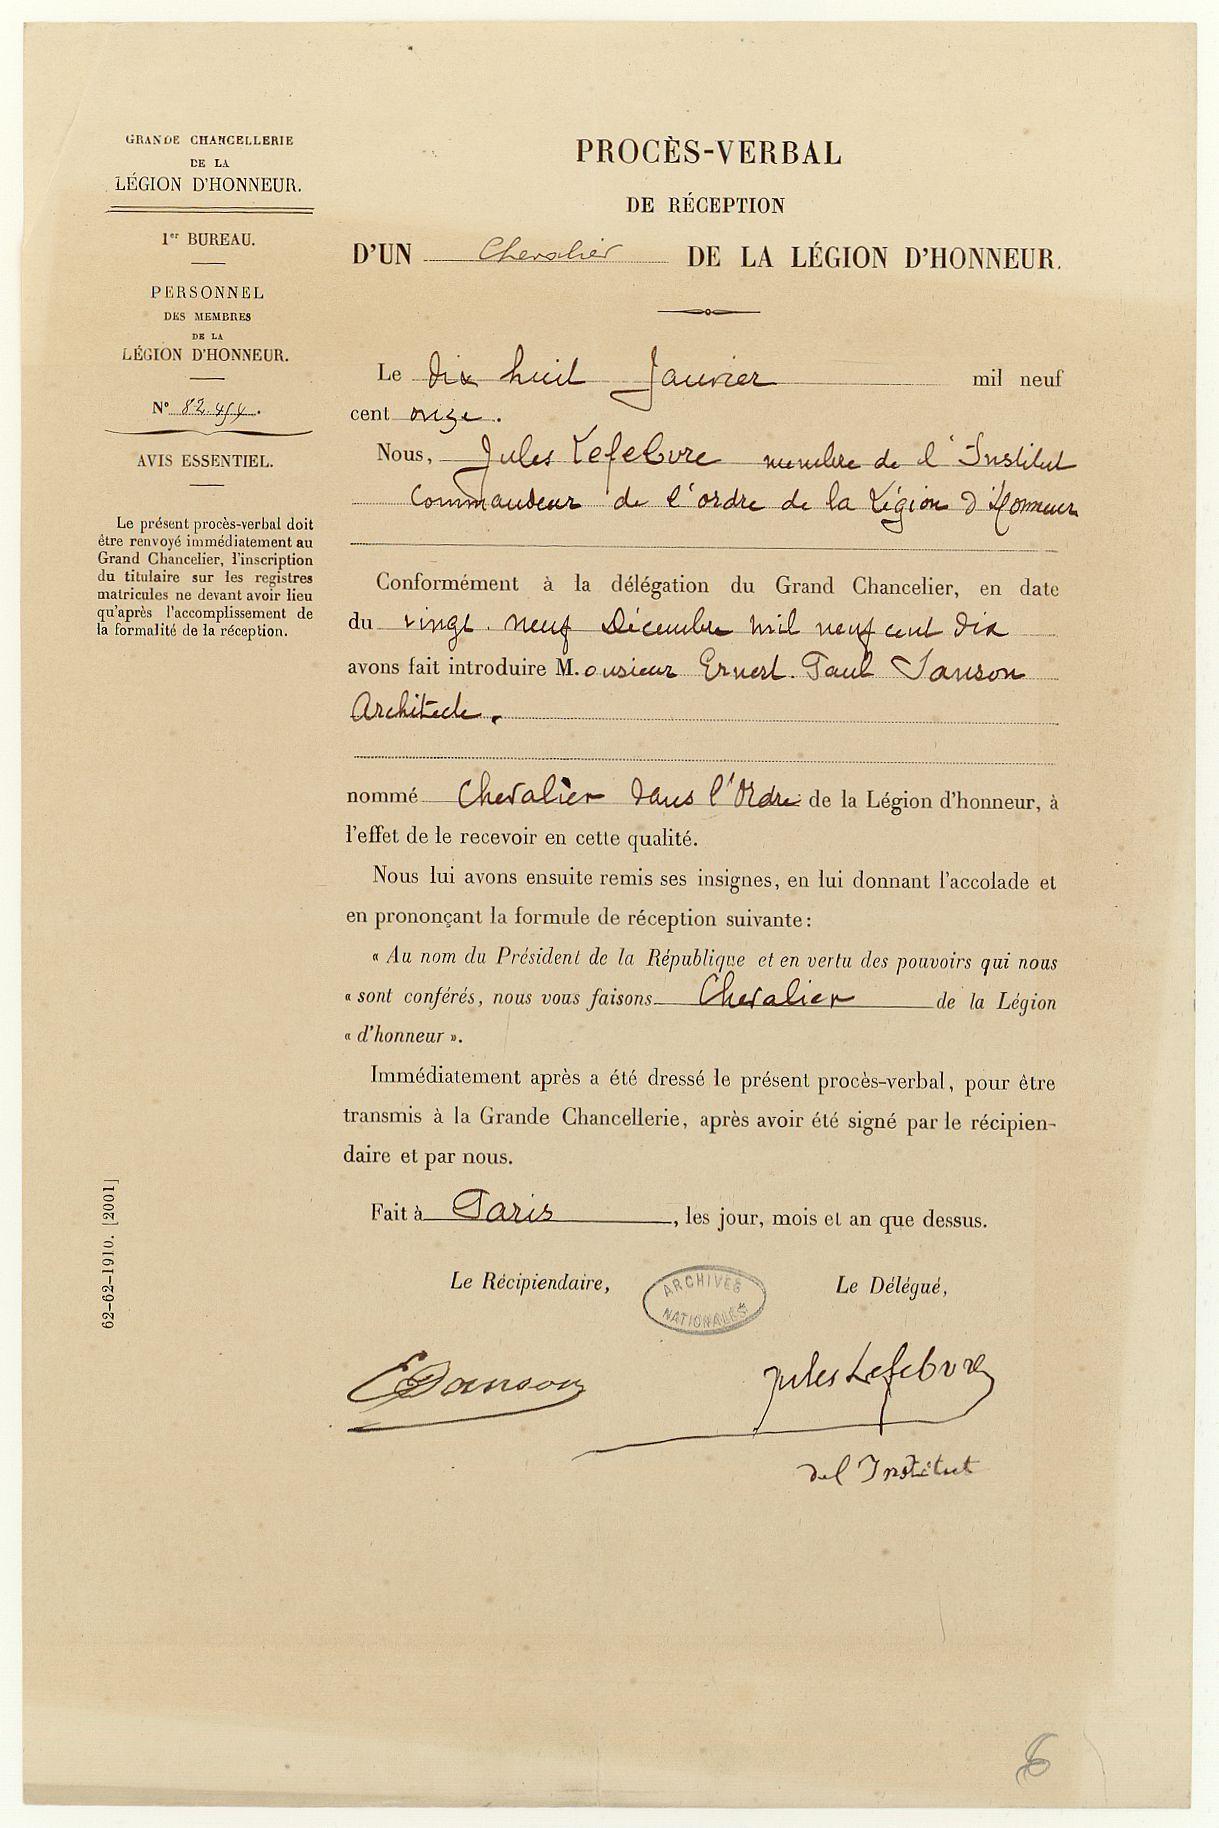 Légion d'honneur d'Ernest Sanson, procès verbal de réception, 1911.